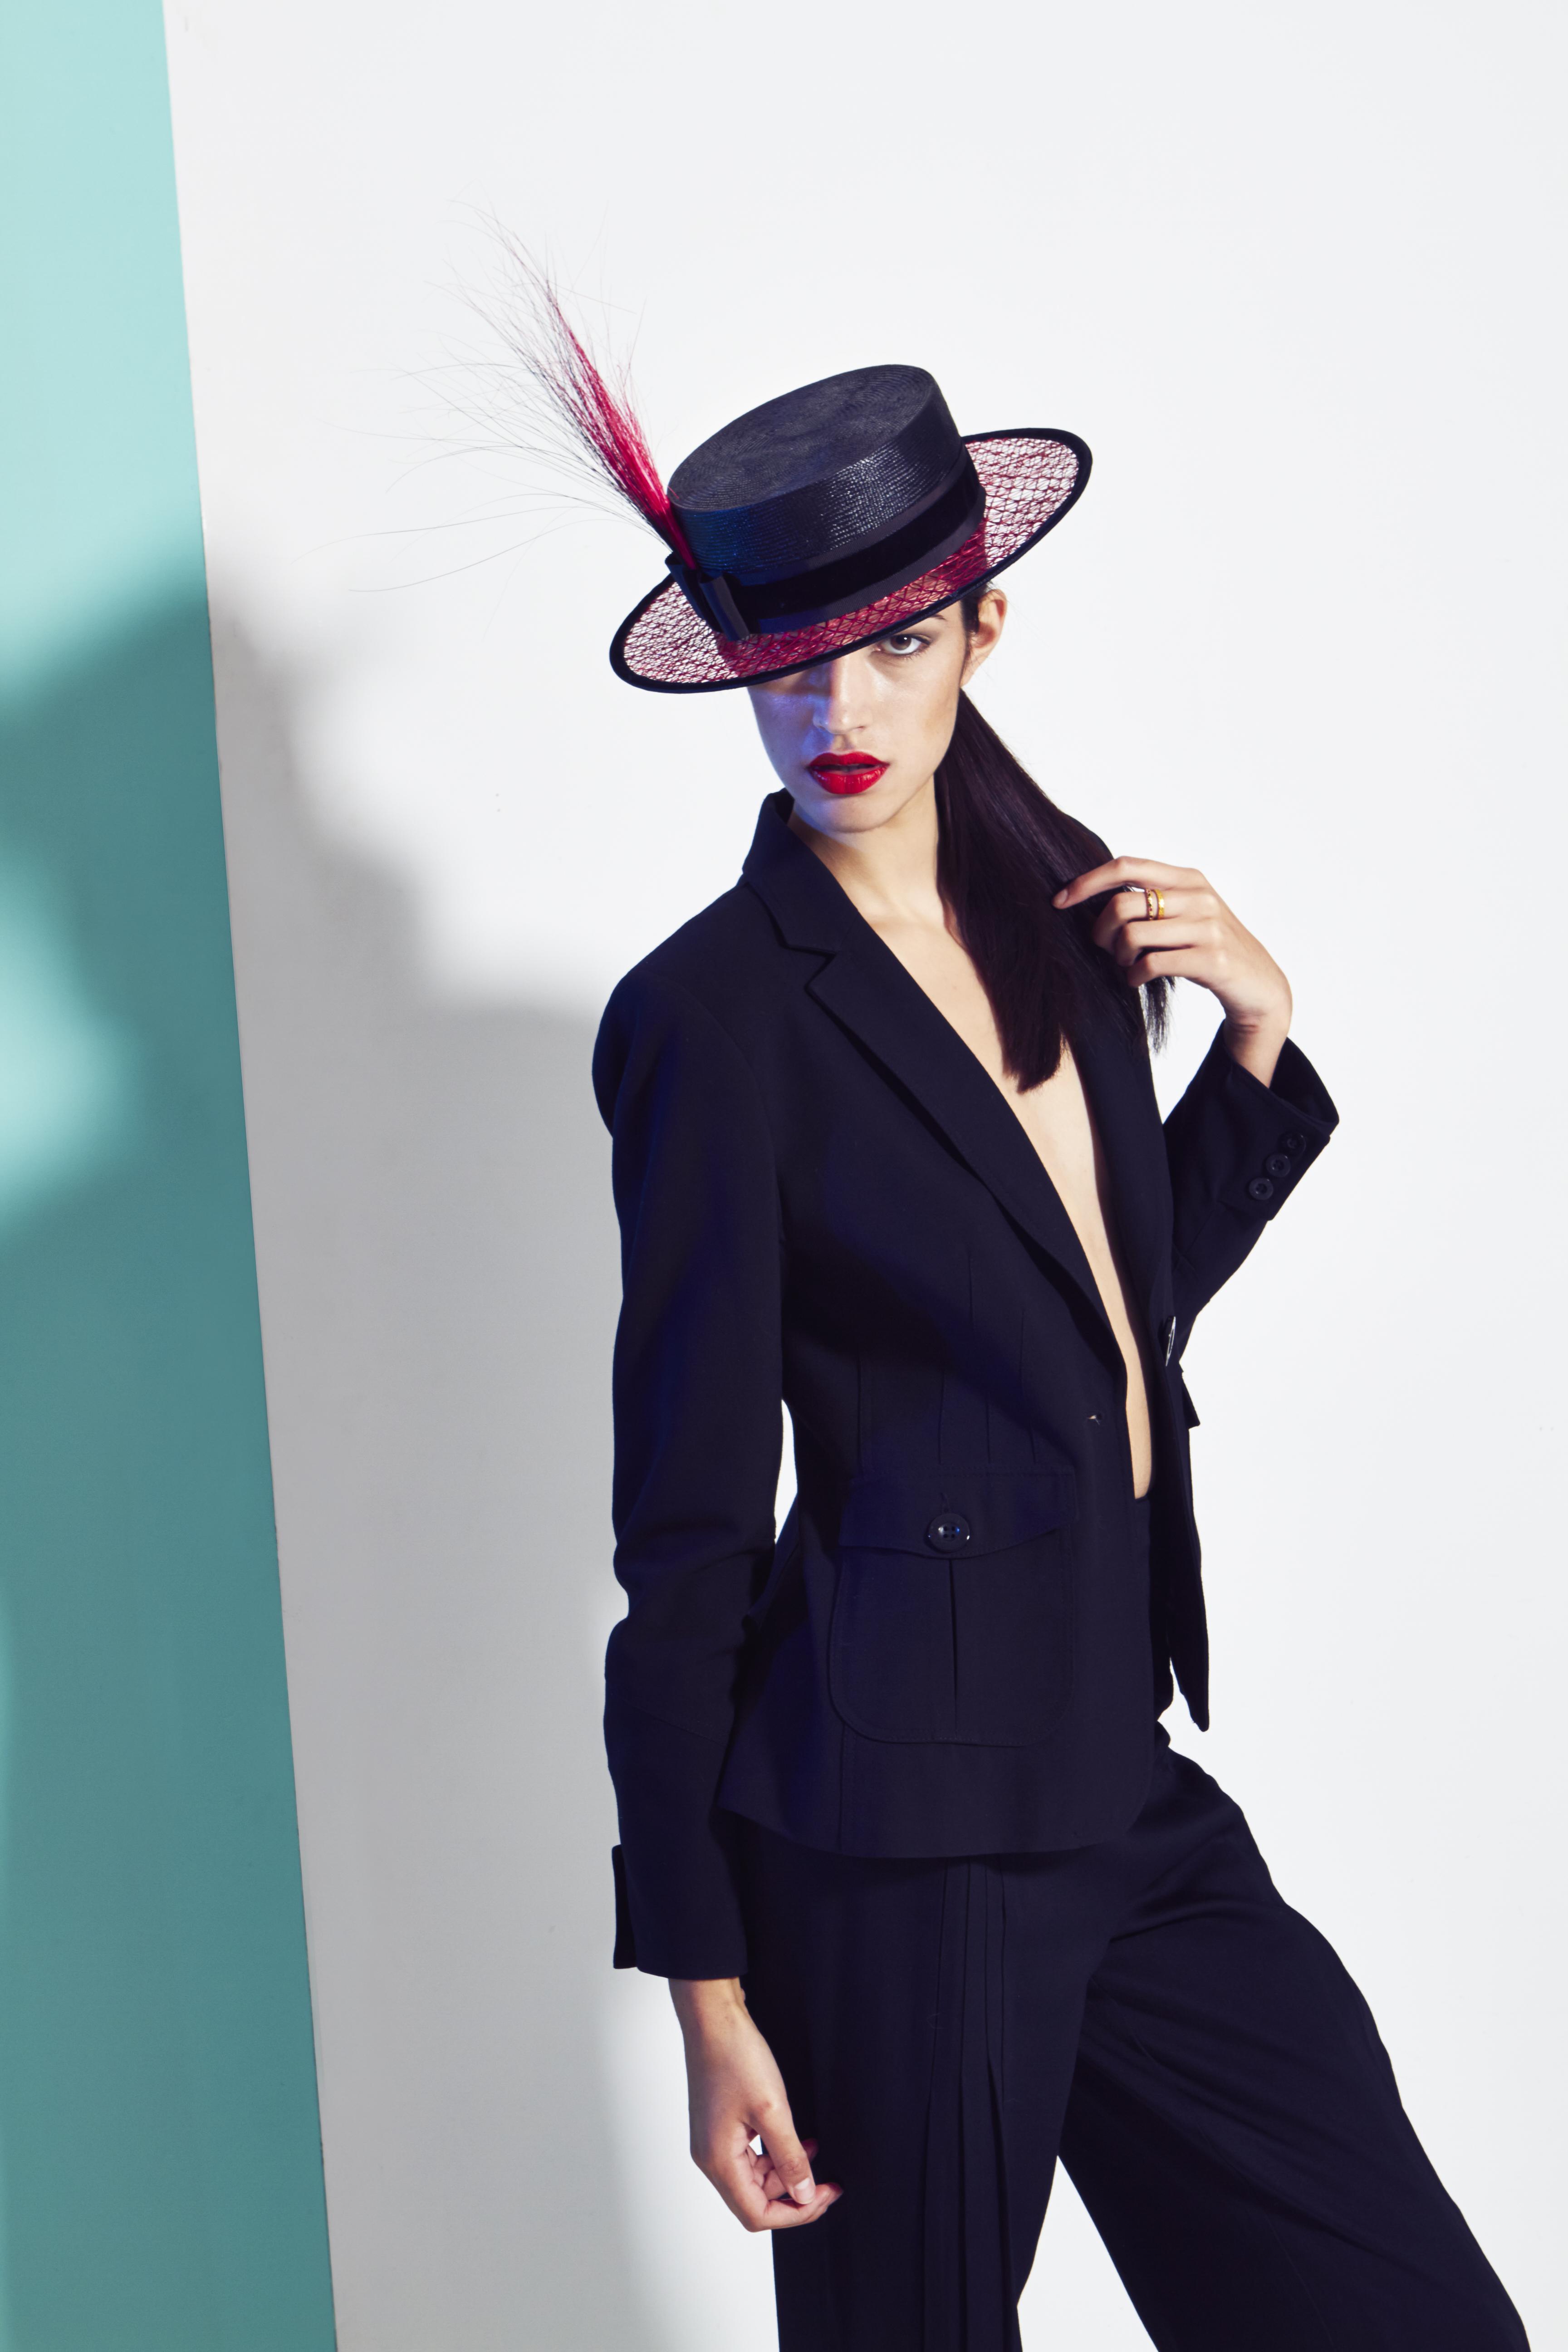 lisa-tan-millinery-chapeau-nouvelle-creatrice-mode-luxe-londres